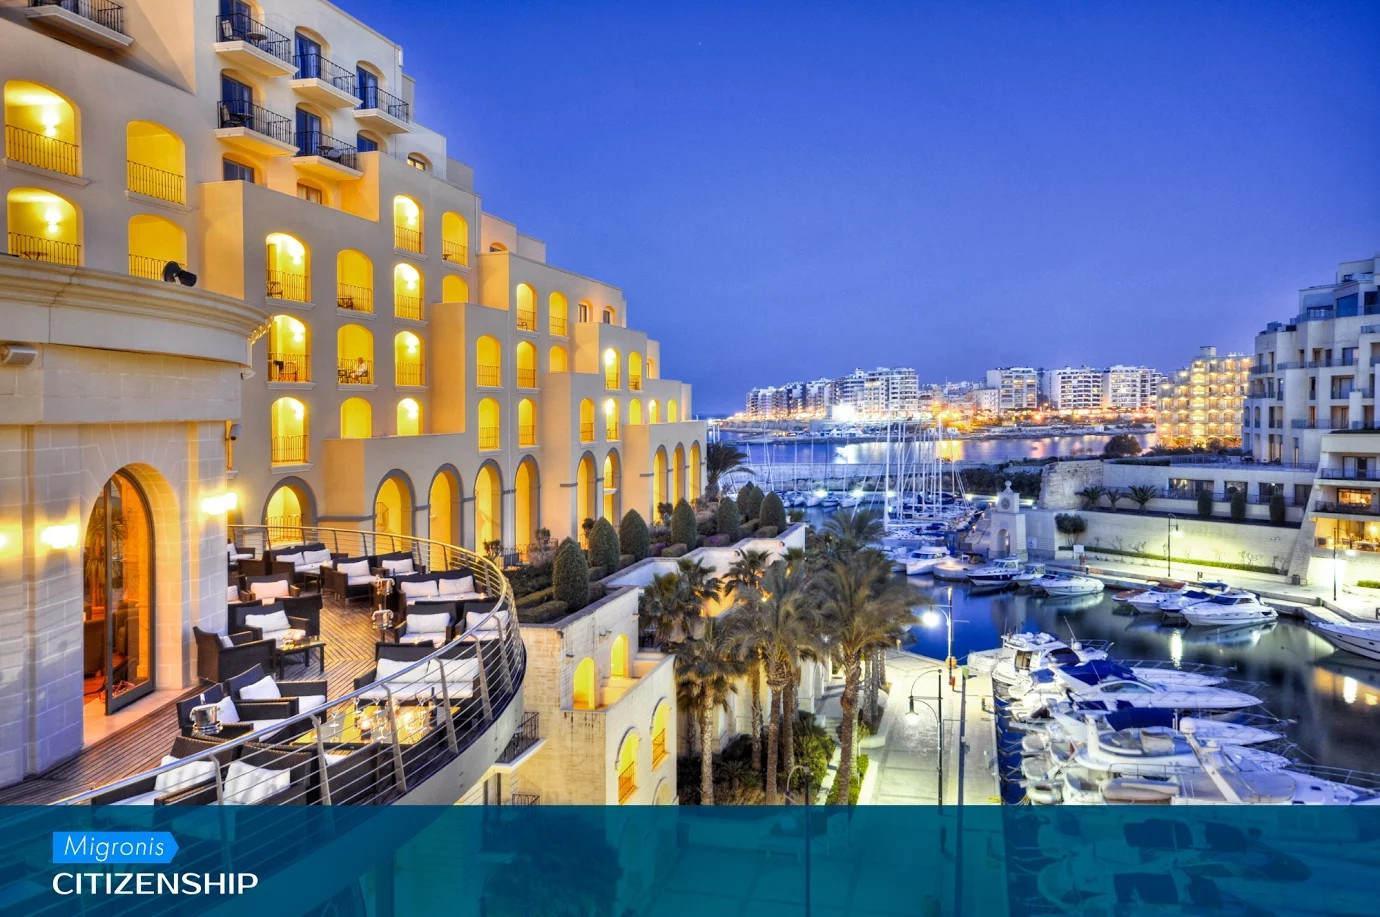 6 весомых преимуществ, которые открывает статус ПМЖ на Мальте | Migronis